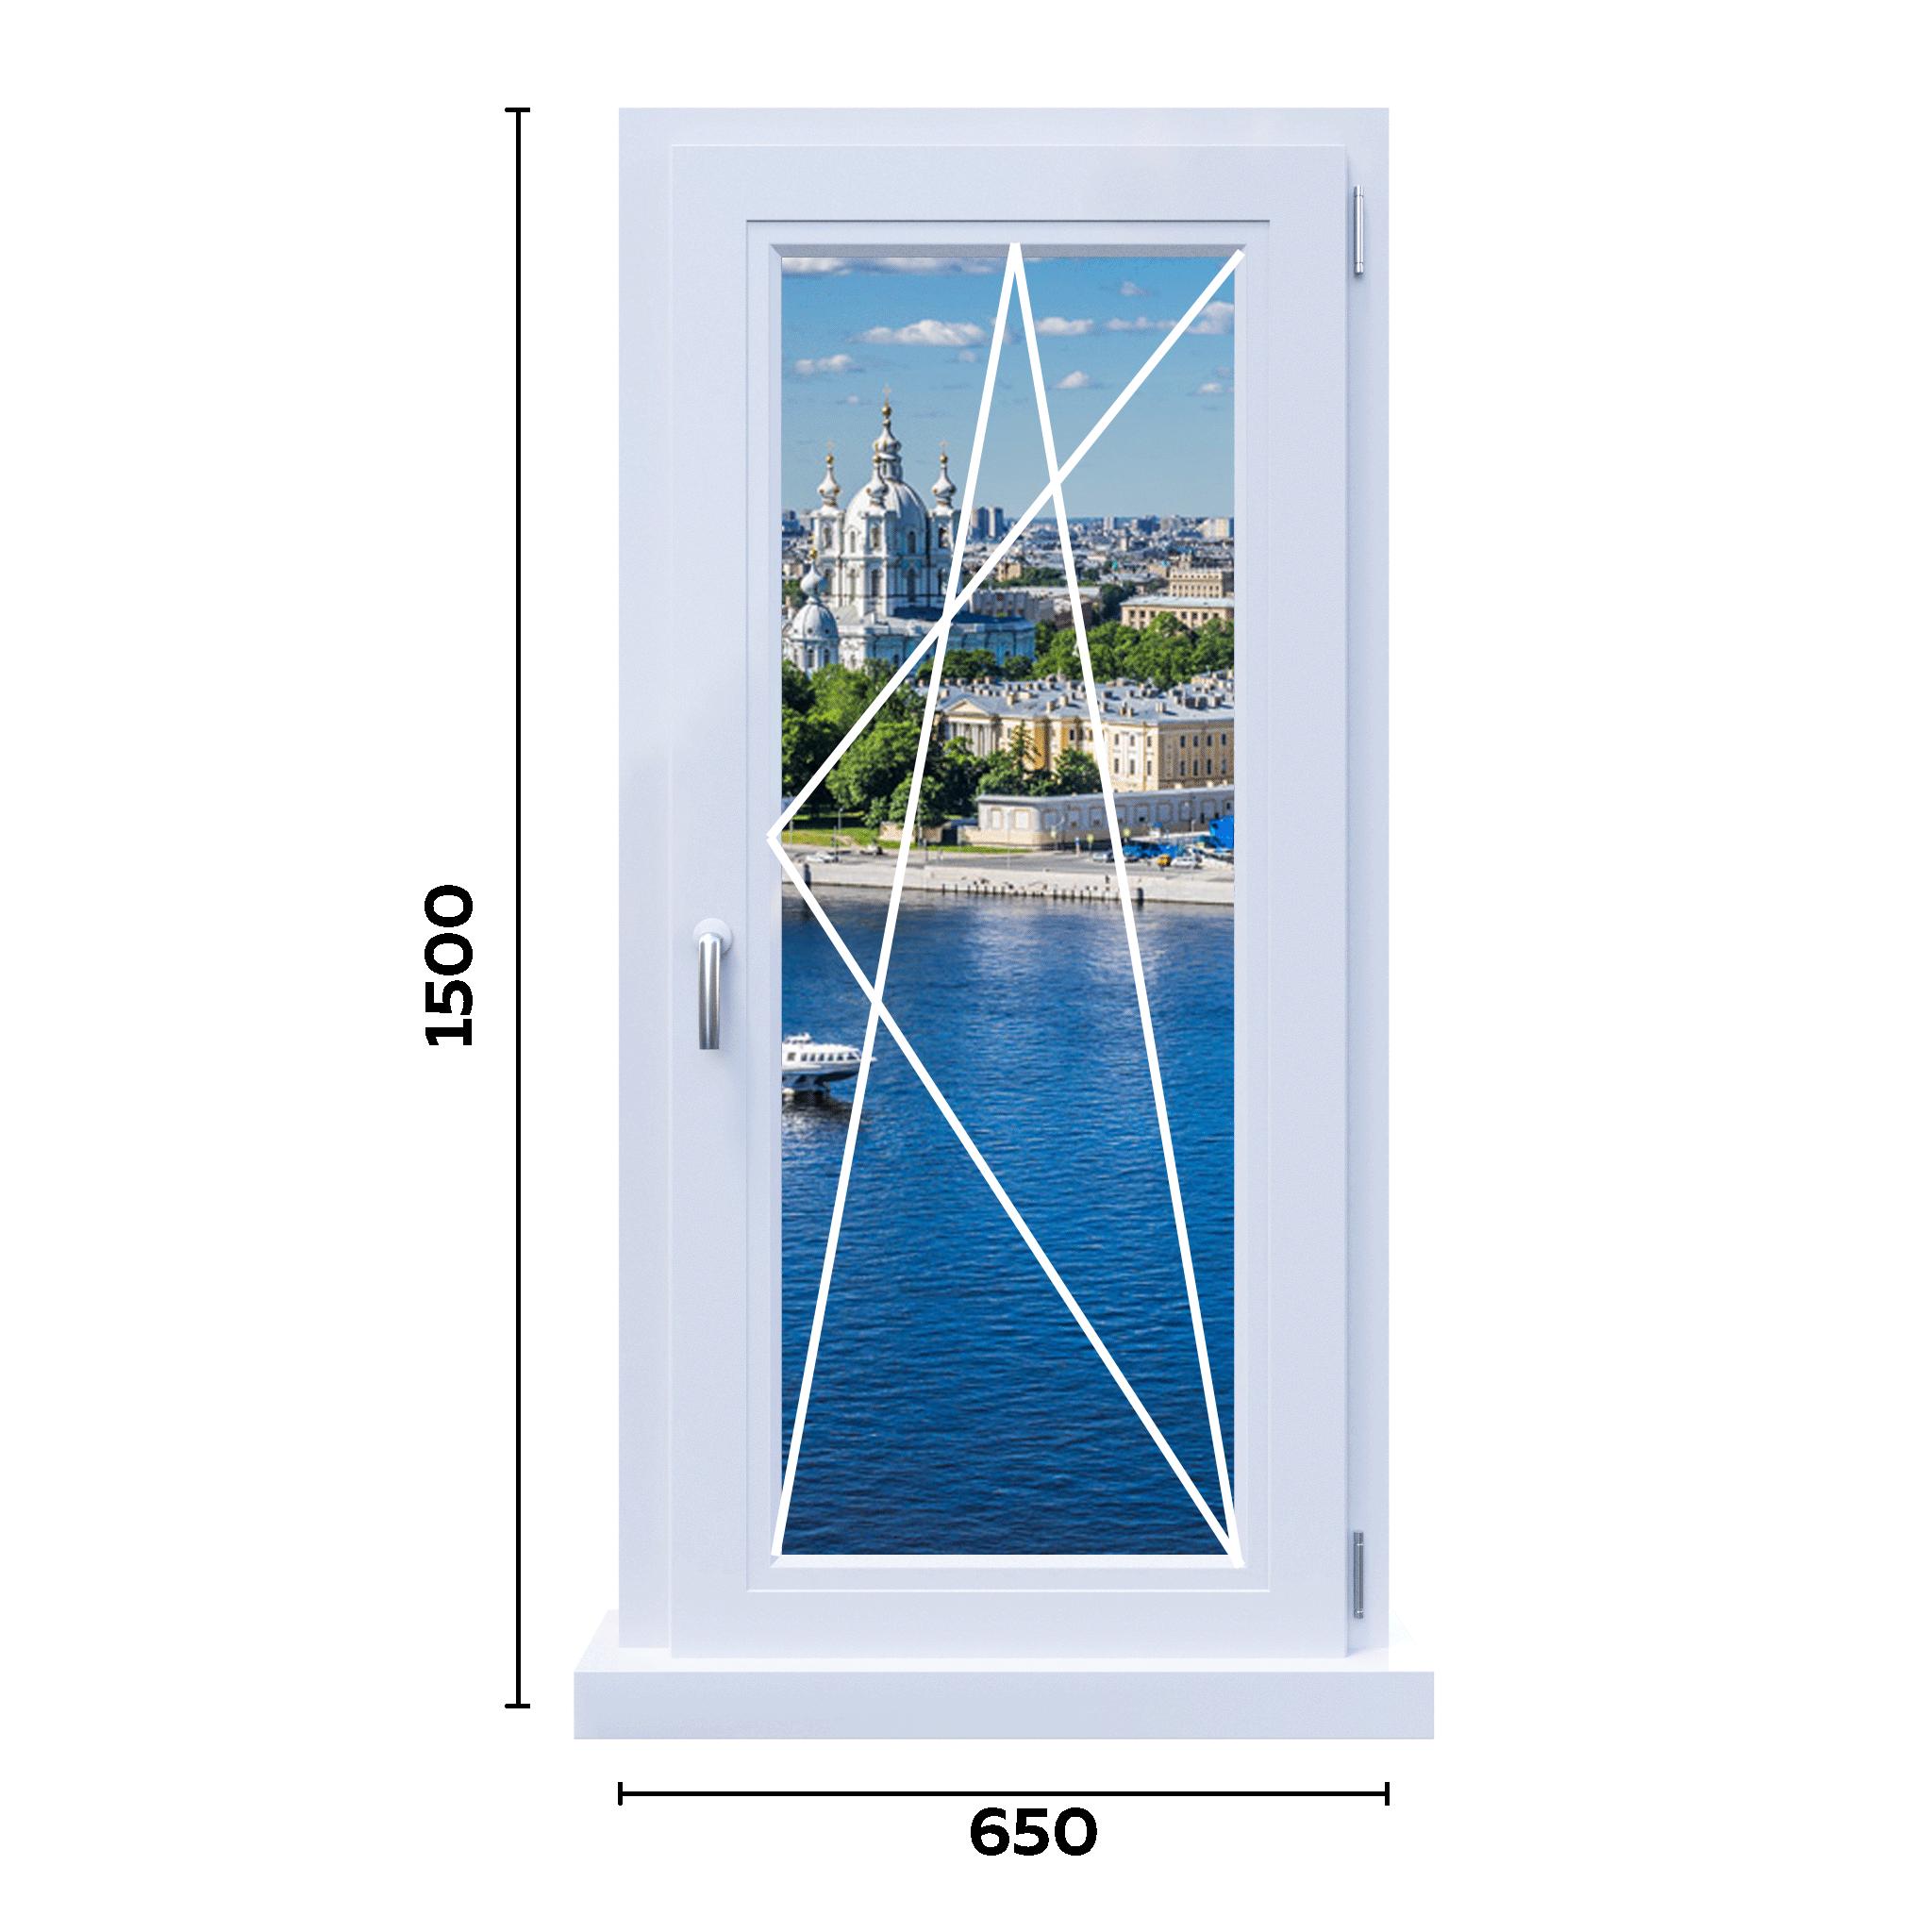 схема одностворчатого окна 650 мм